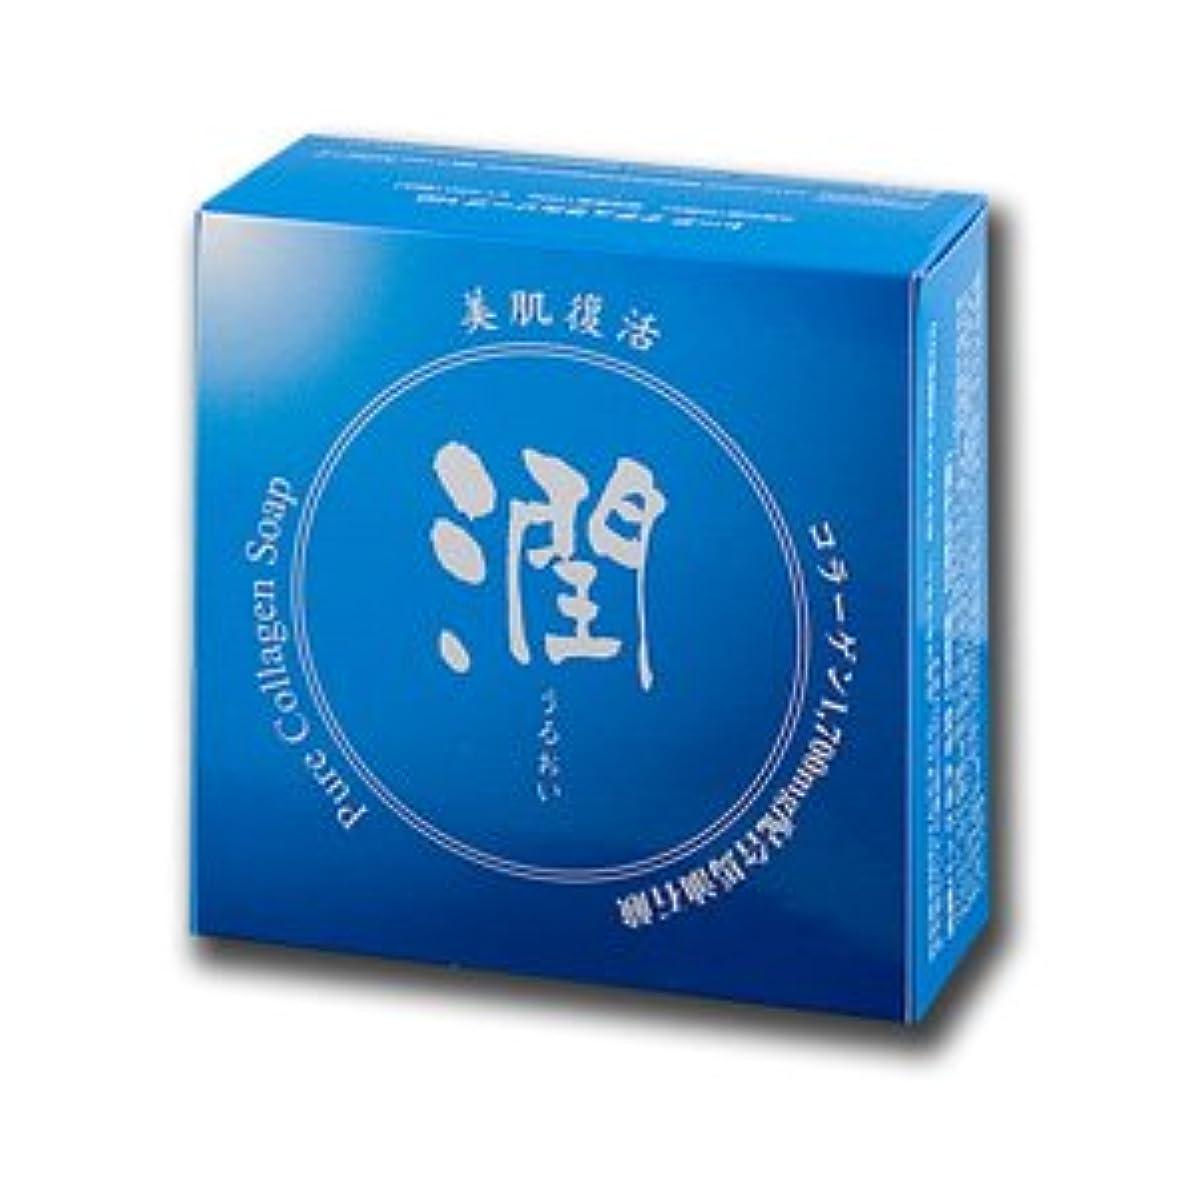 インシュレータ凍るファックスコラーゲン馬油石鹸 潤 100g (#800410) ×6個セット